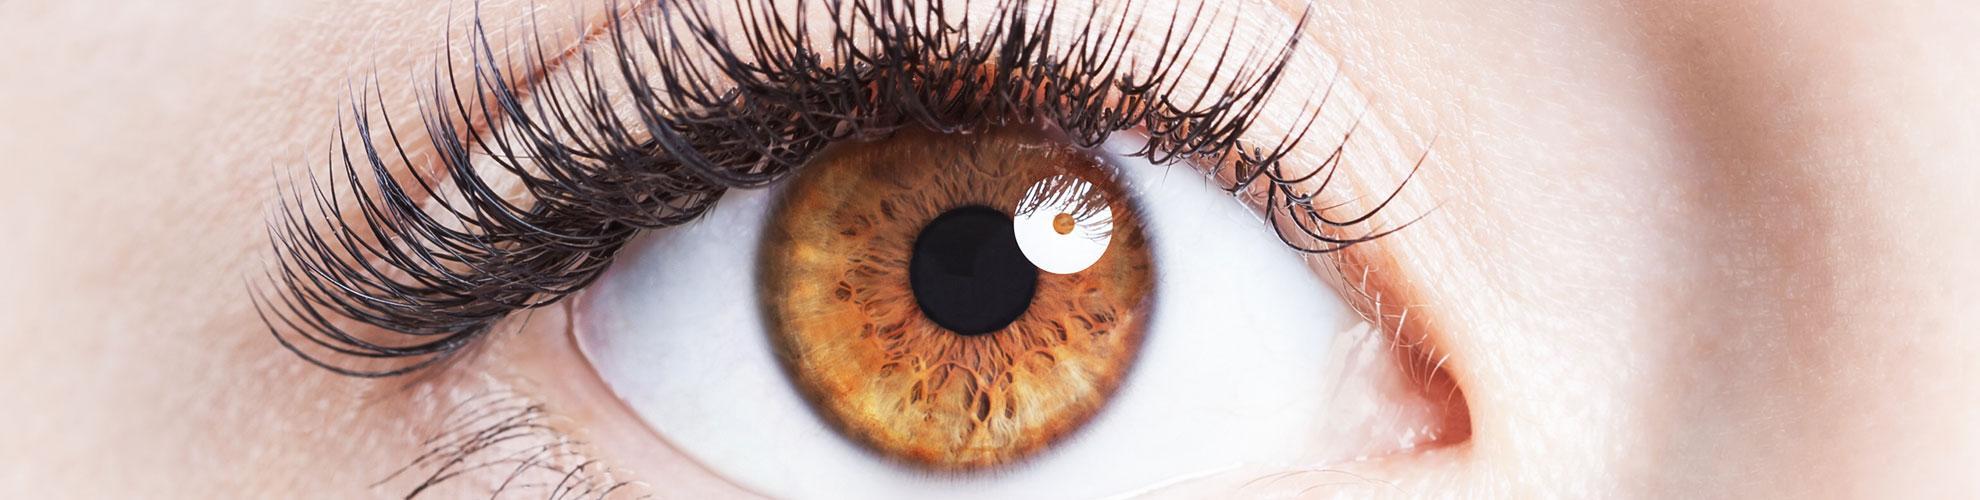 FAQ: Cataracts